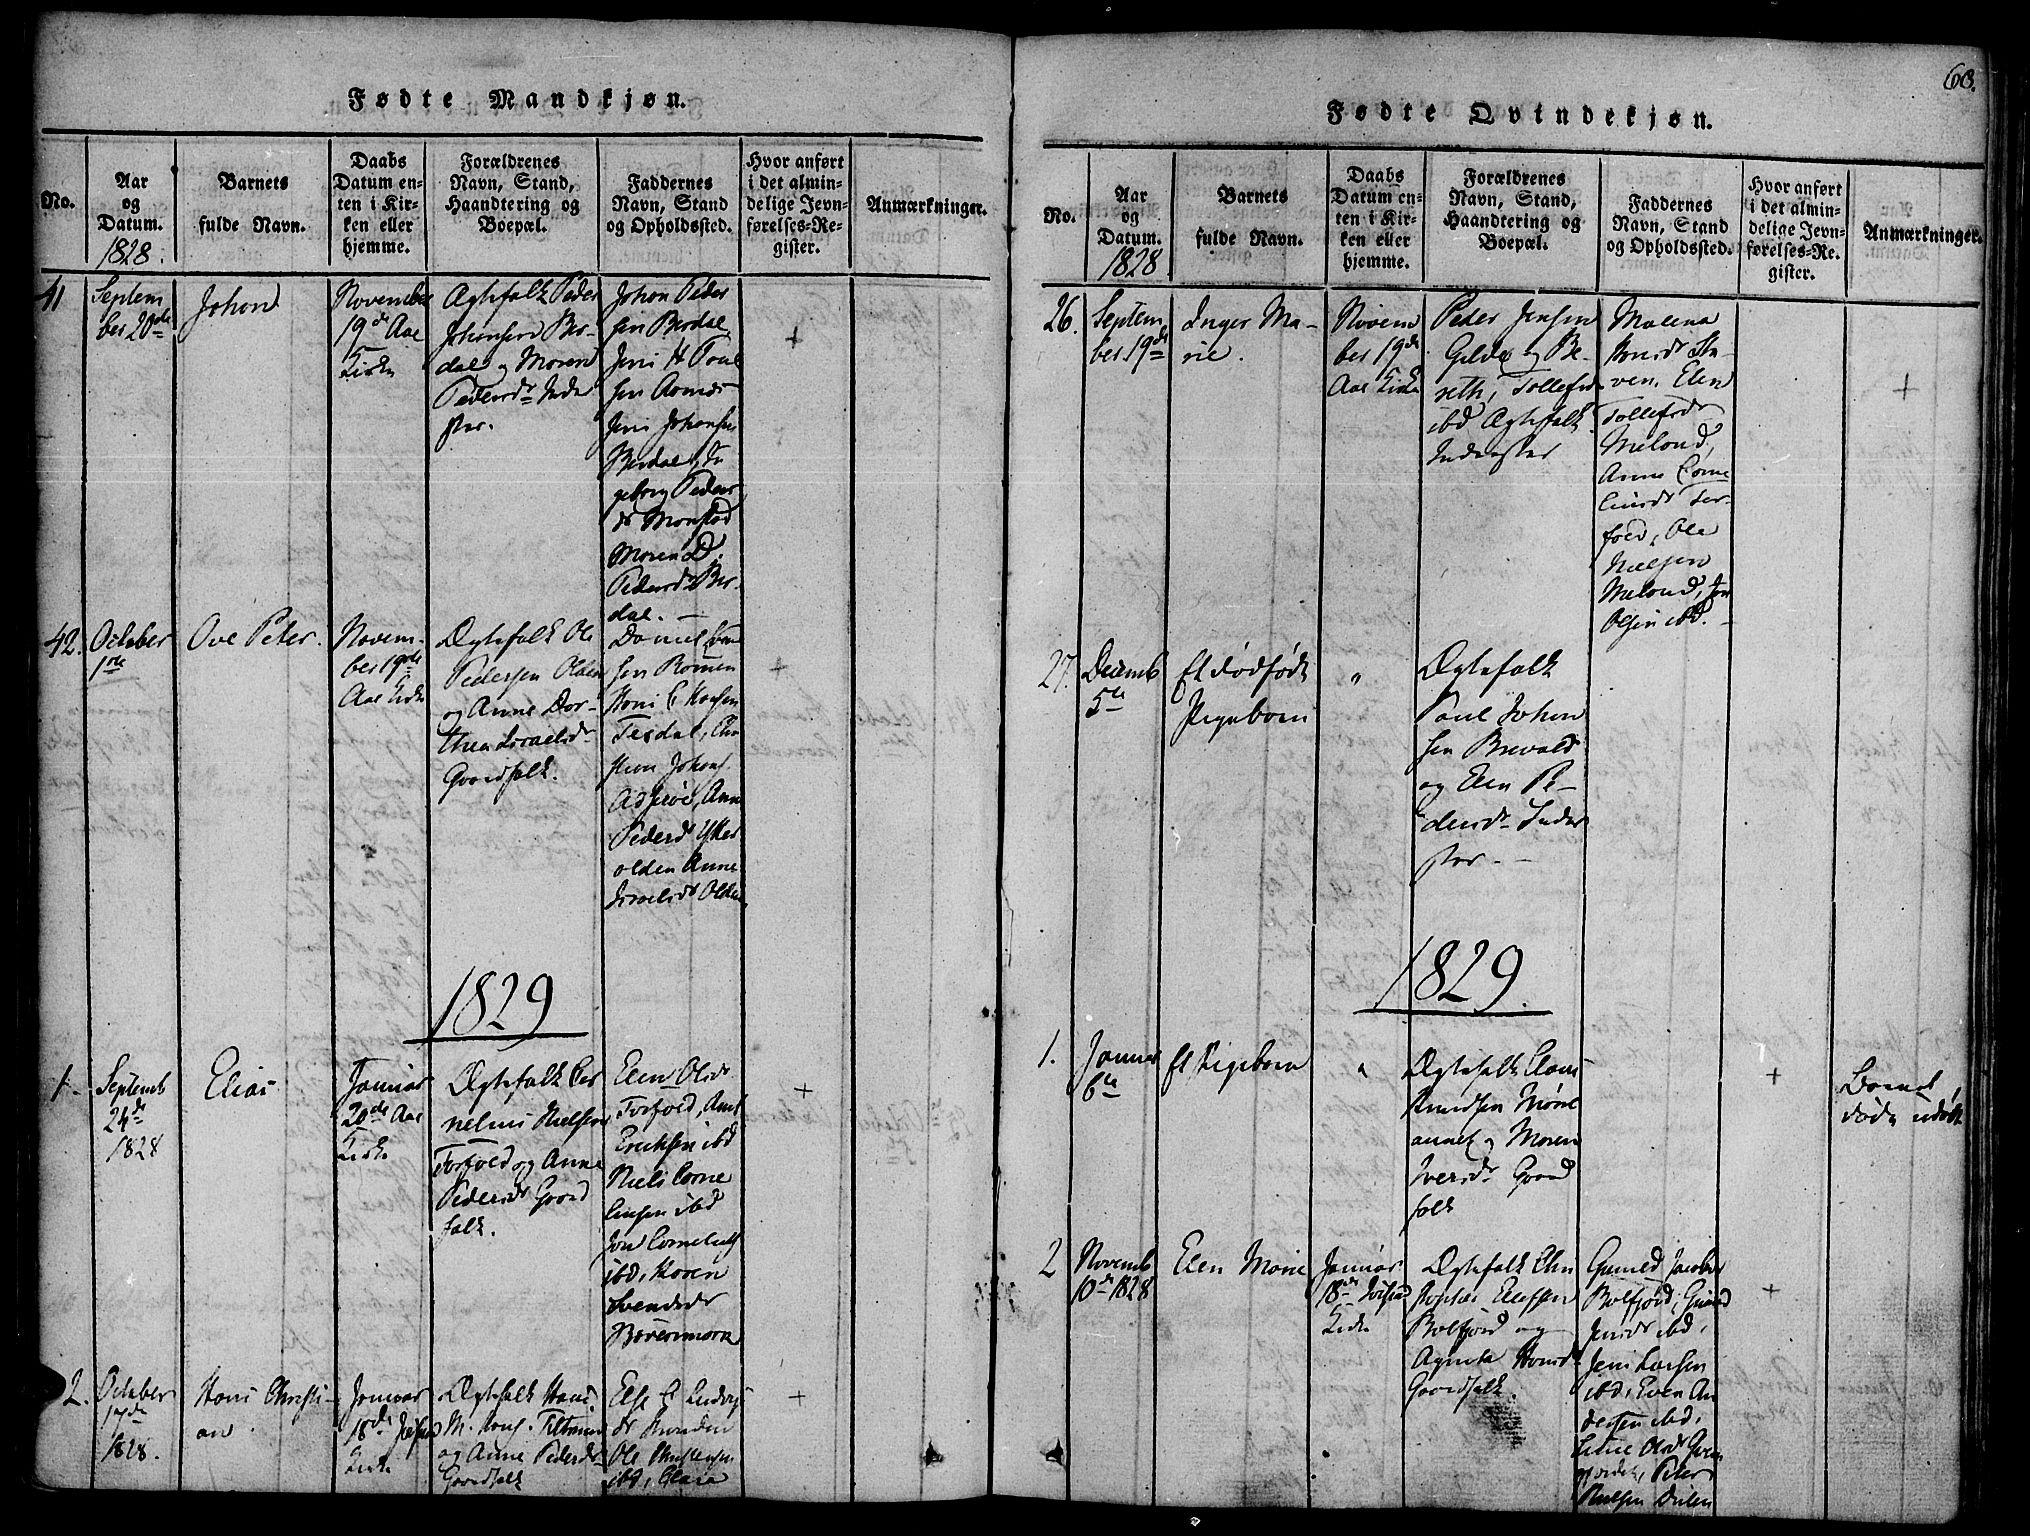 SAT, Ministerialprotokoller, klokkerbøker og fødselsregistre - Sør-Trøndelag, 655/L0675: Ministerialbok nr. 655A04, 1818-1830, s. 68